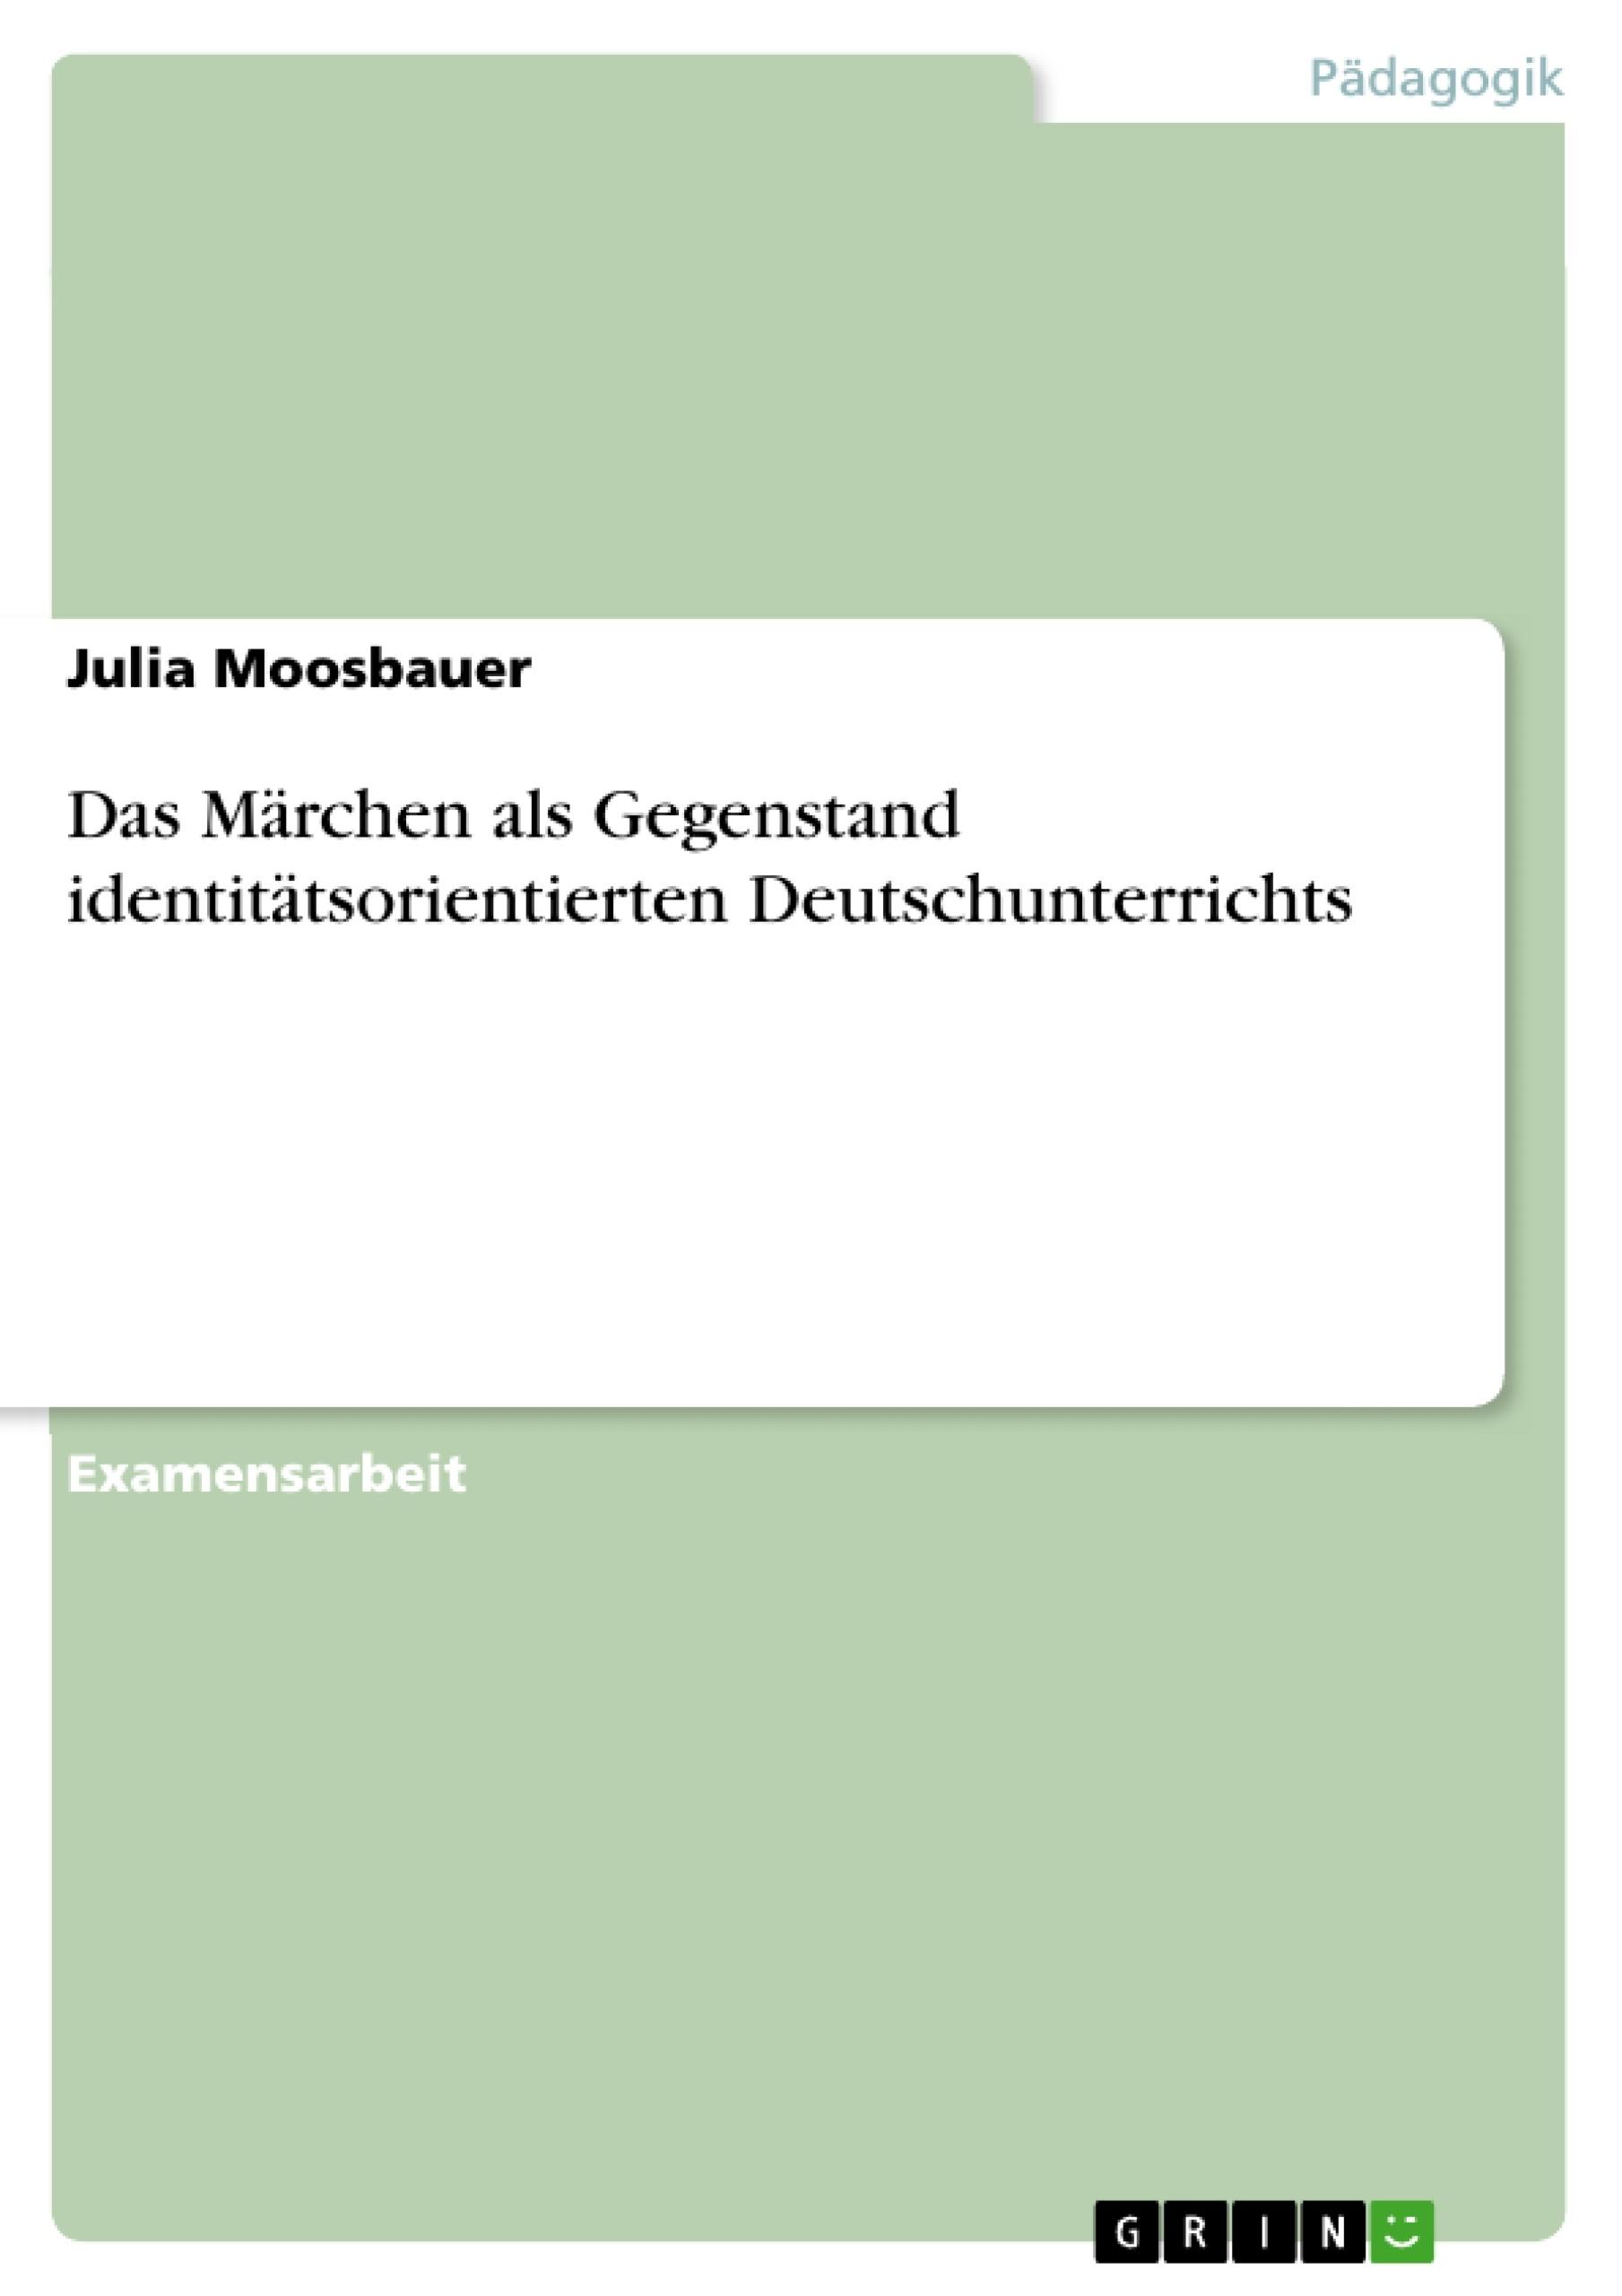 Titel: Das Märchen als Gegenstand identitätsorientierten Deutschunterrichts